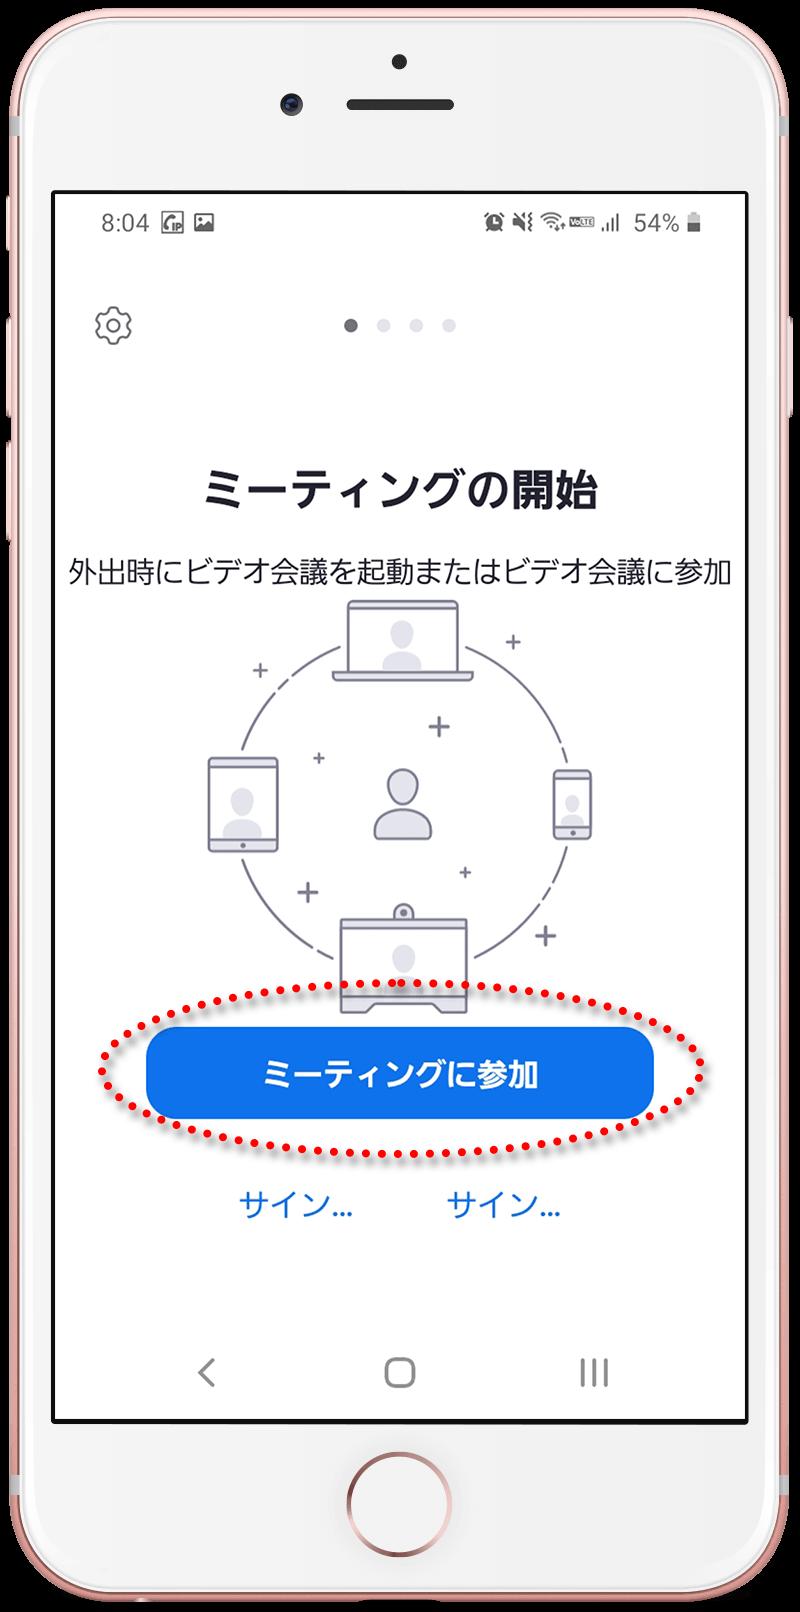 スマホにZoomアプリをインストールしてオンライン個別見学に参加接続画像8